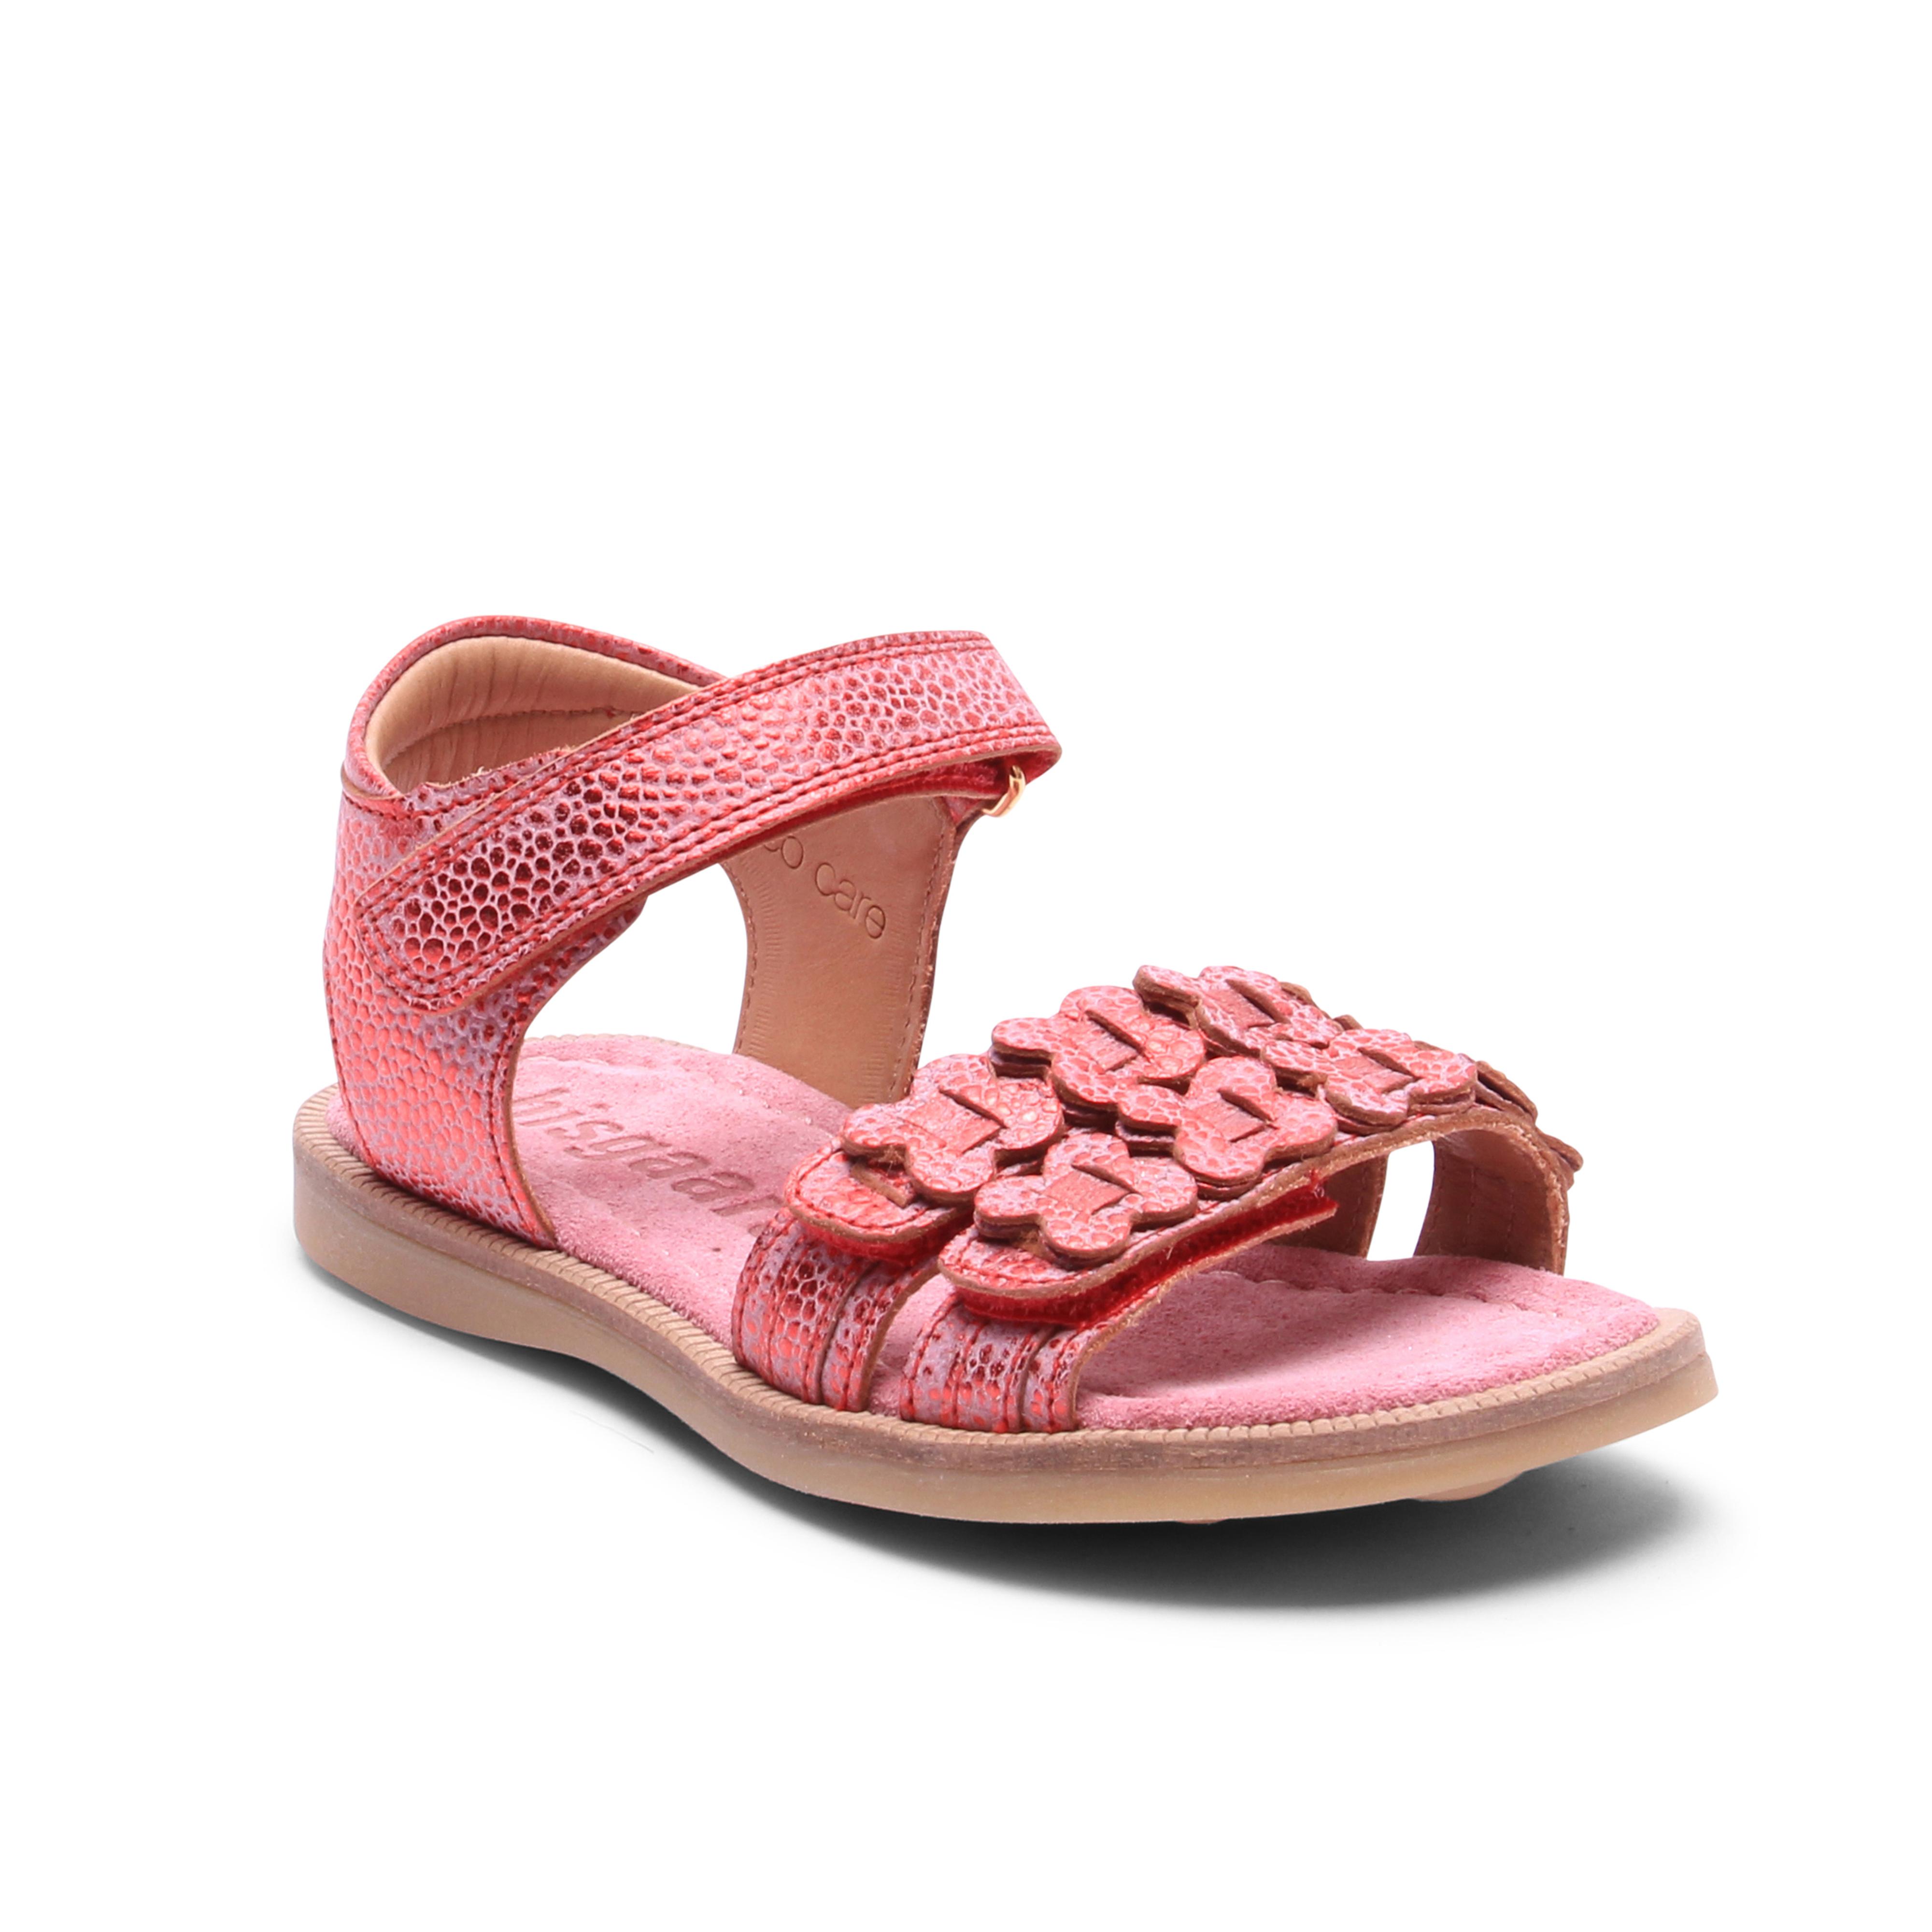 Bisgaard 70272 sandal, berry, 25